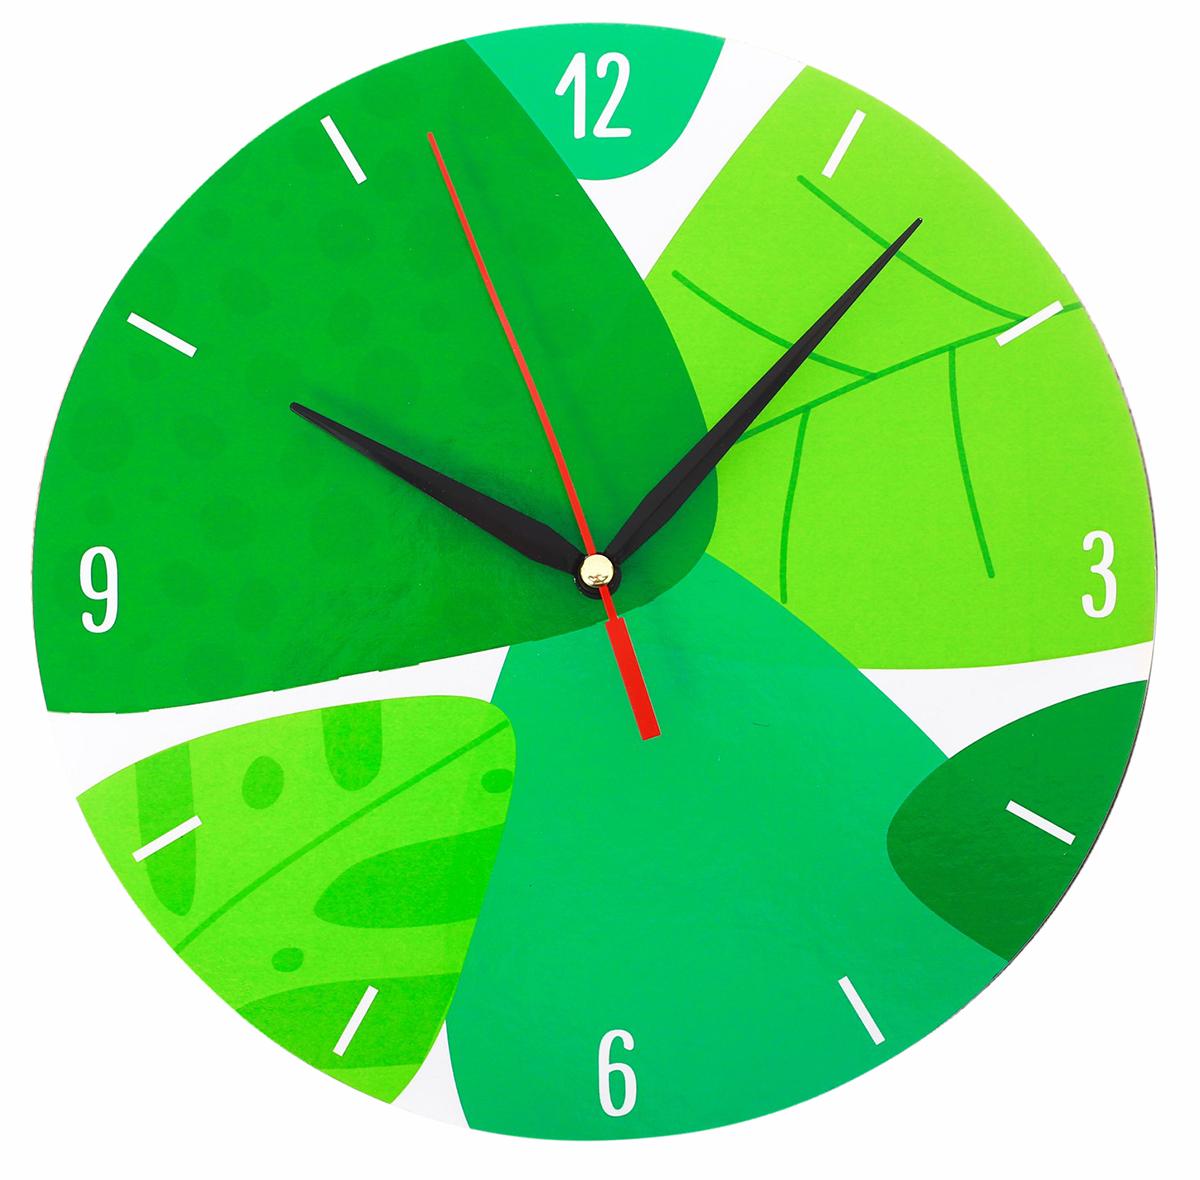 Часы настенные Листва2935513Часы деревянные Листва, d=25 см — сувенир в полном смысле этого слова. И главная его задача — хранить воспоминание о месте, где вы побывали, или о том человеке, который подарил данный предмет. Преподнесите эту вещь своему другу, и она станет достойным украшением его дома. Каждому хозяину периодически приходит мысль обновить свою квартиру, сделать ремонт, перестановку или кардинально поменять внешний вид каждой комнаты. Часы деревянные Листва, d=25 см — привлекательная деталь, которая поможет воплотить вашу интерьерную идею, создать неповторимую атмосферу в вашем доме. Окружите себя приятными мелочами, пусть они радуют глаз и дарят гармонию.Часы Листва 2935513